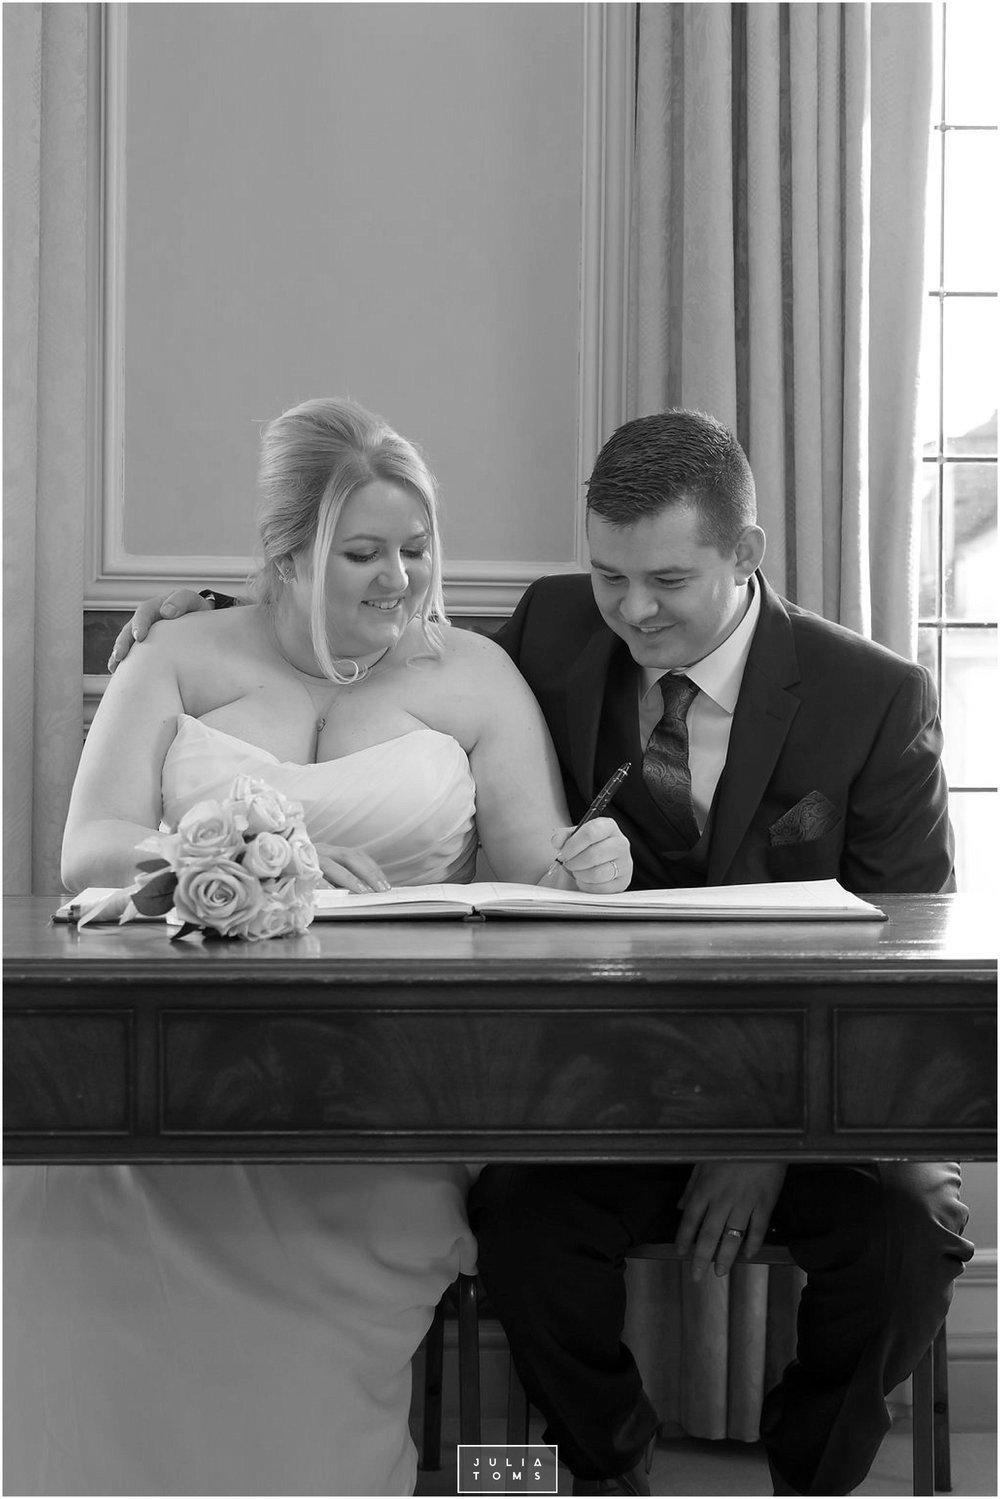 JuliaToms_chichester_wedding_photograher_edes_house_018.jpg